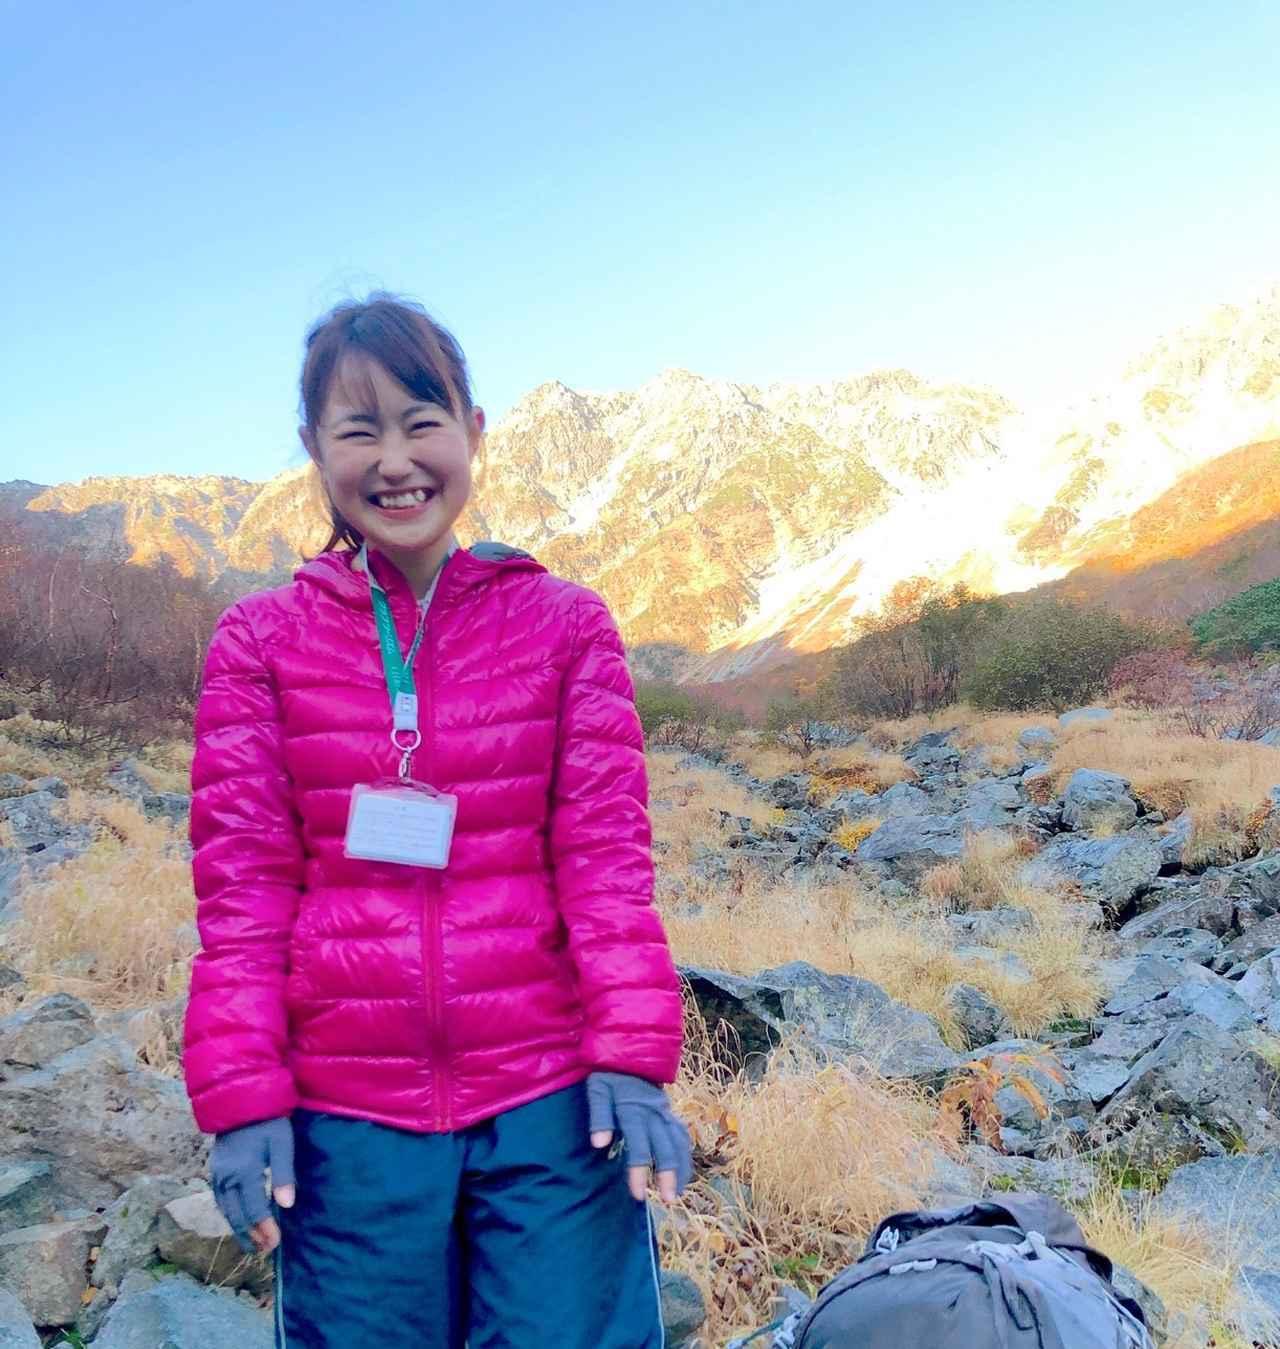 画像: 登山の旅スタッフの原が、女性登山ガイドの宮下慈子さんから登山装備をザックに上手に収納するパッキングのコツを学びます!